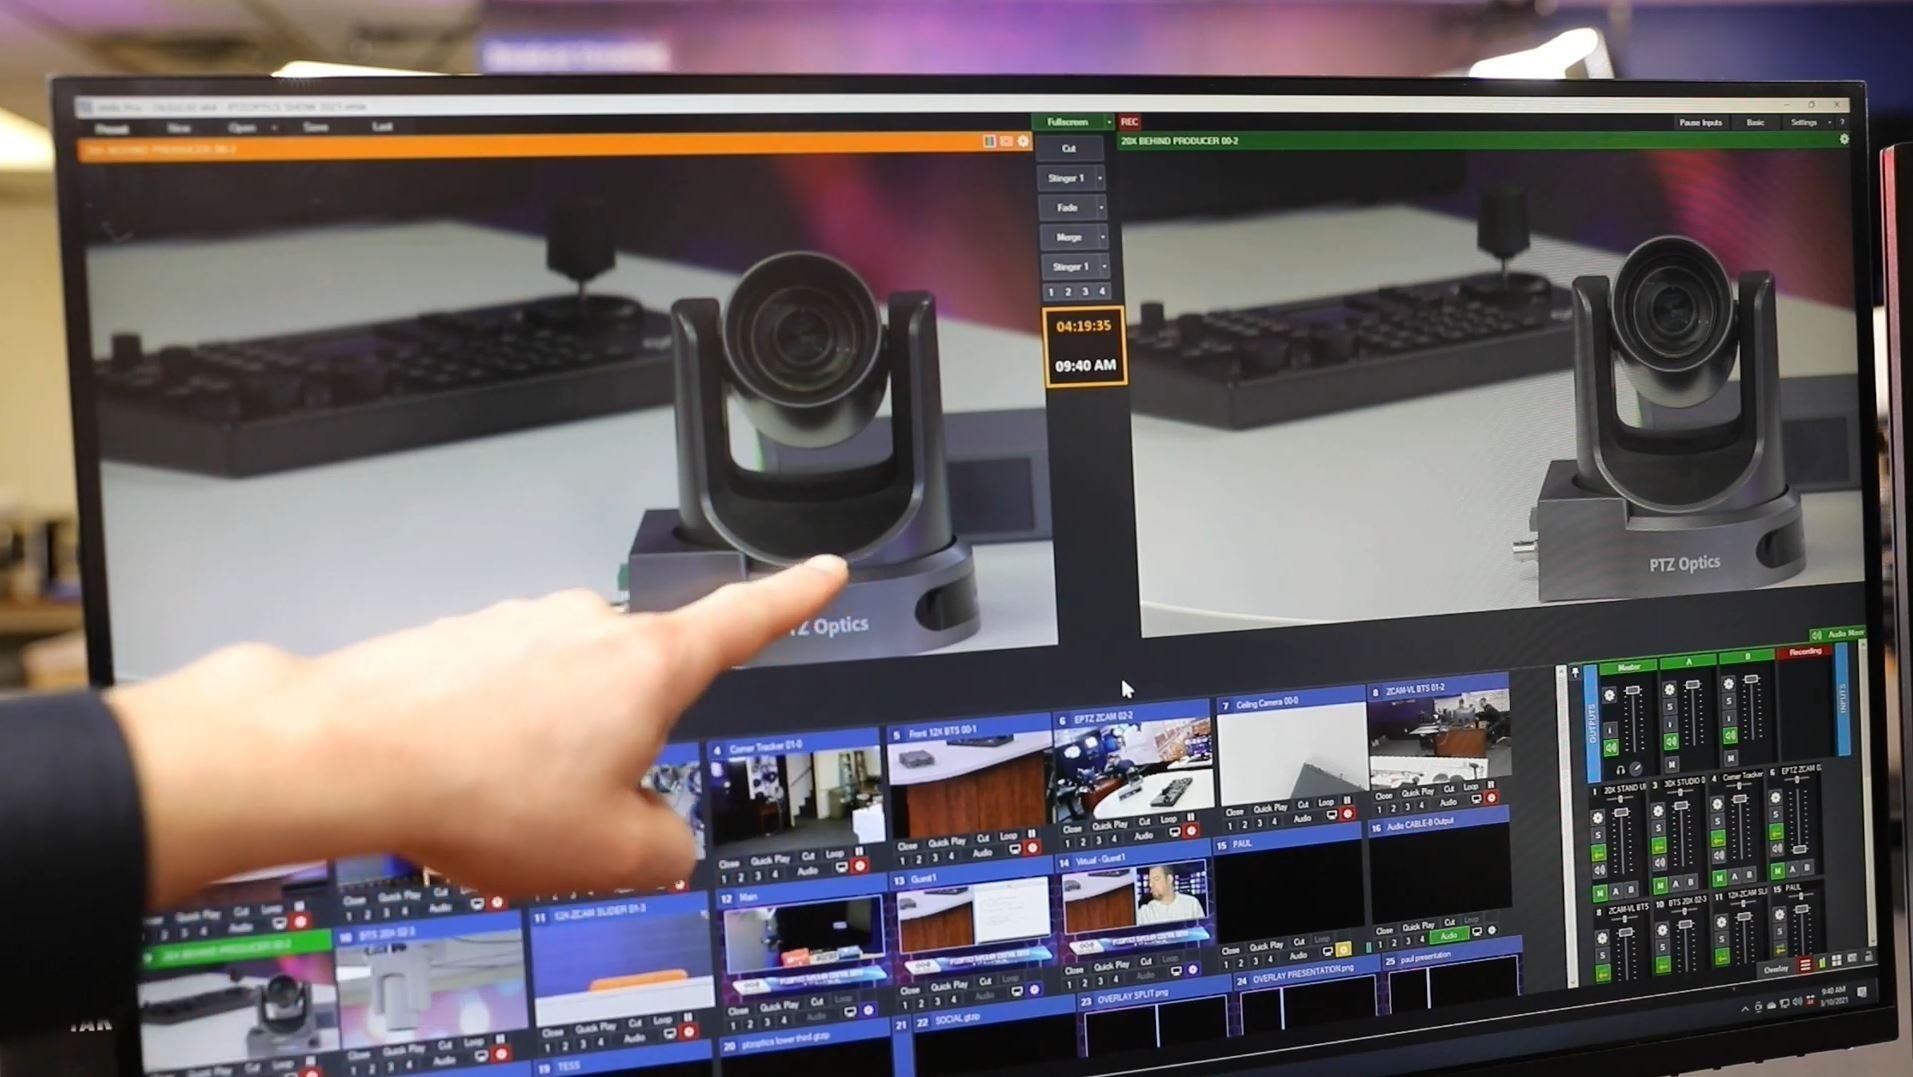 vMix camera control options